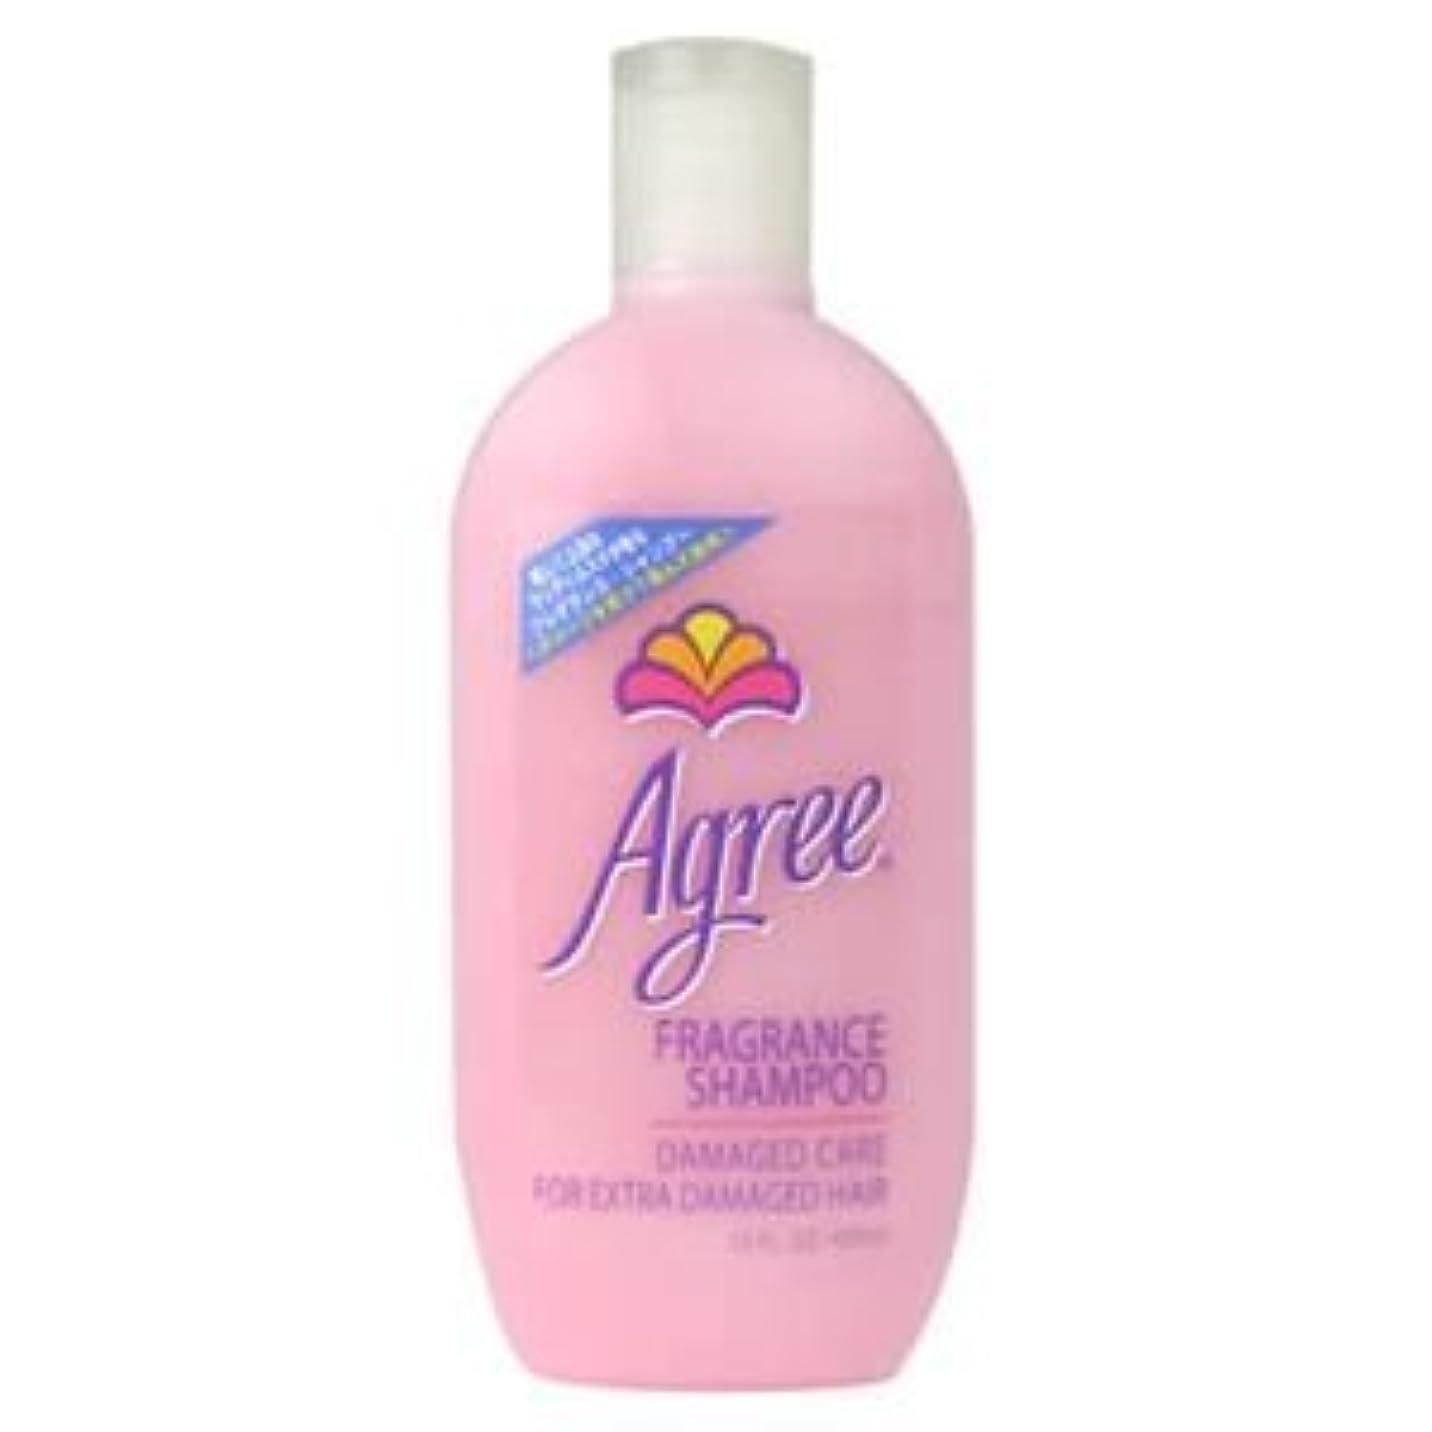 キャンセル手順場合アグリー(Agree) フレグランスシャンプーD(特に傷んだ髪用) 450ml